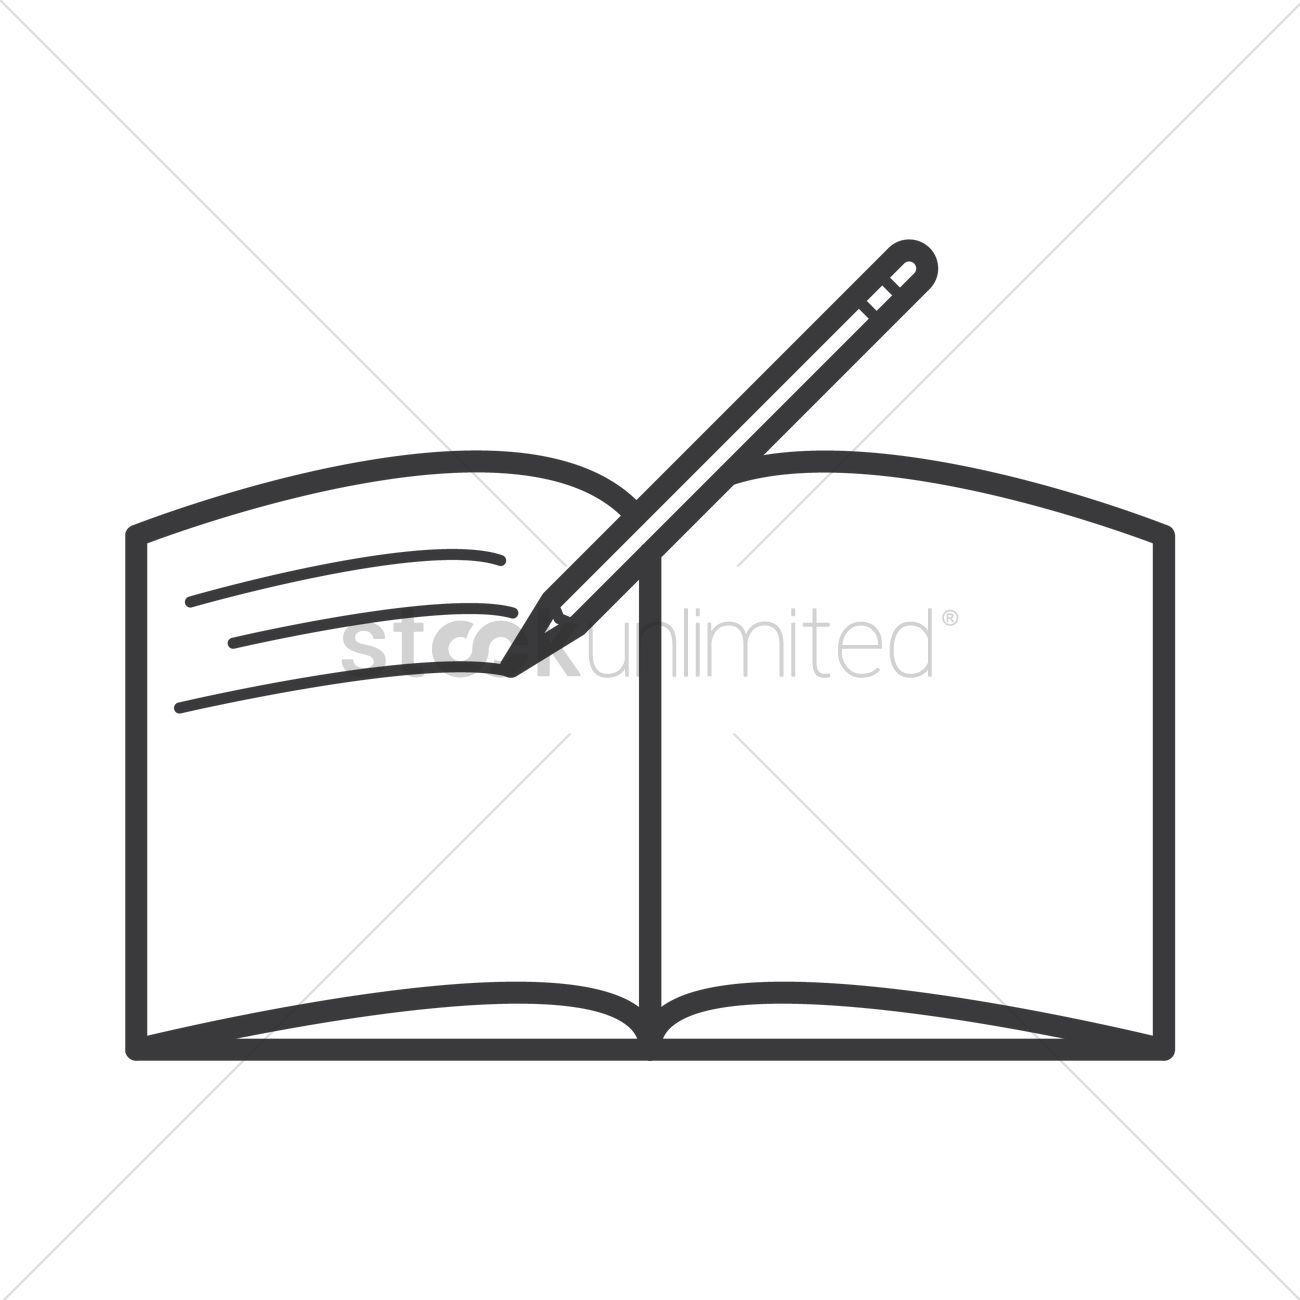 Bobook clipart pen 1577797 Vector book Image Open